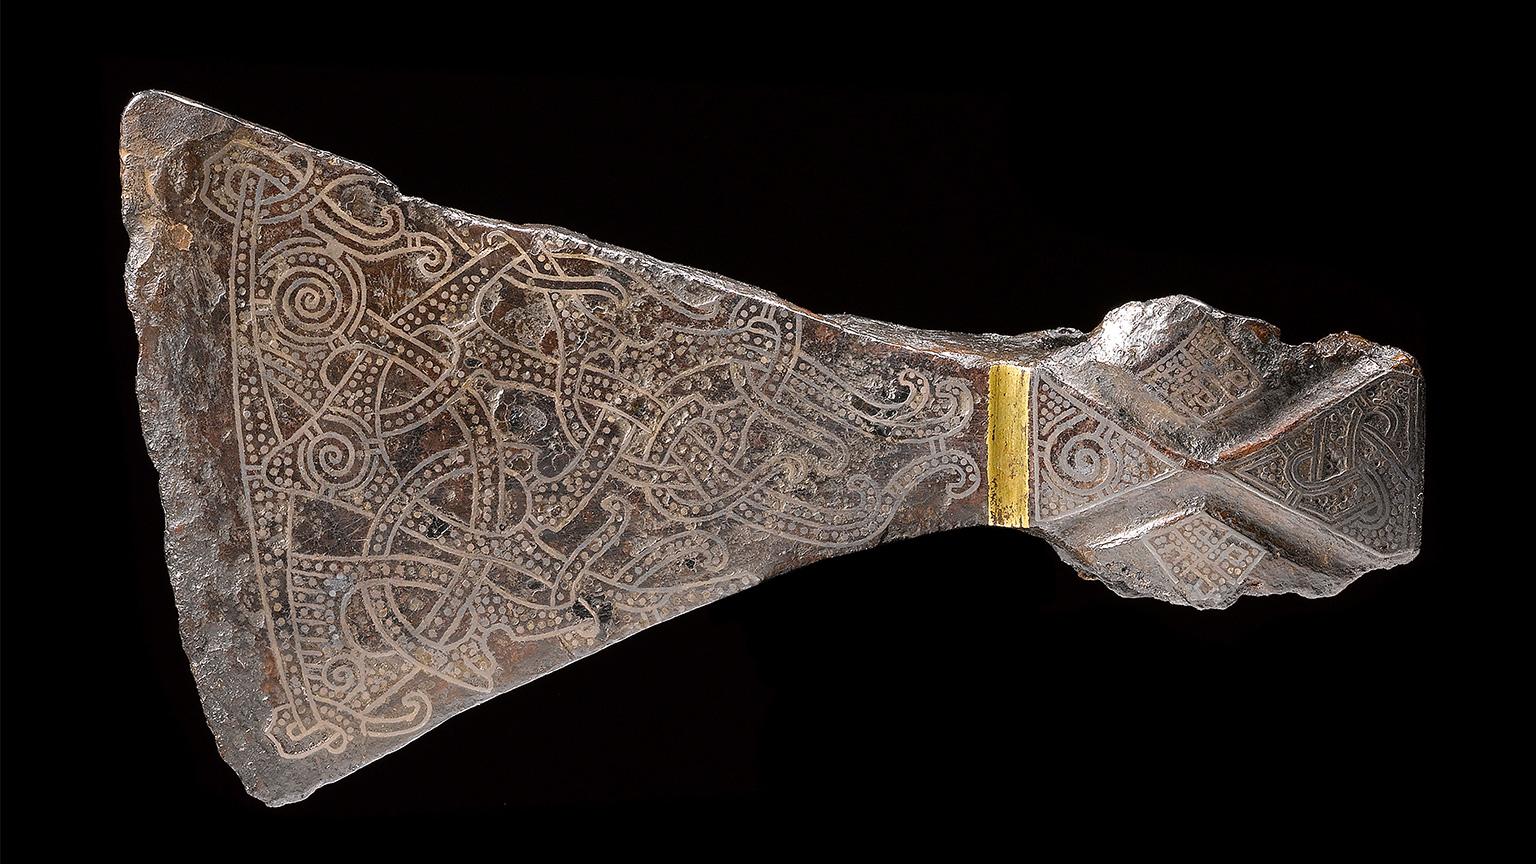 Самый известный топор викингов из захоронения Маммен. Считается, что был использован как ритуальное орудие, не в качестве боевого